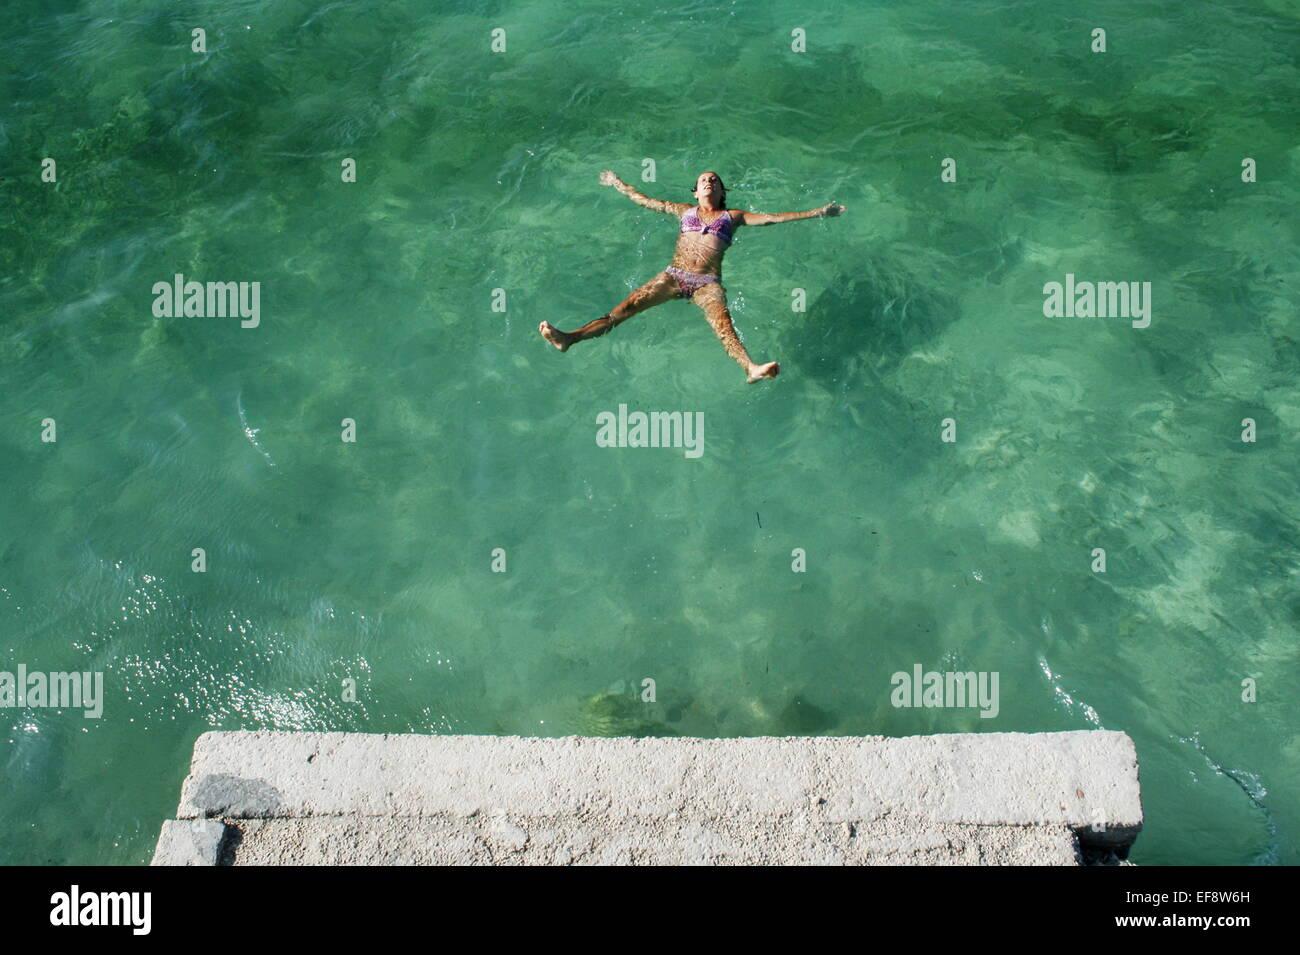 Croacia, Dalmacia, Trogir, Mid-mujer adulta flotando en el mar verde Imagen De Stock